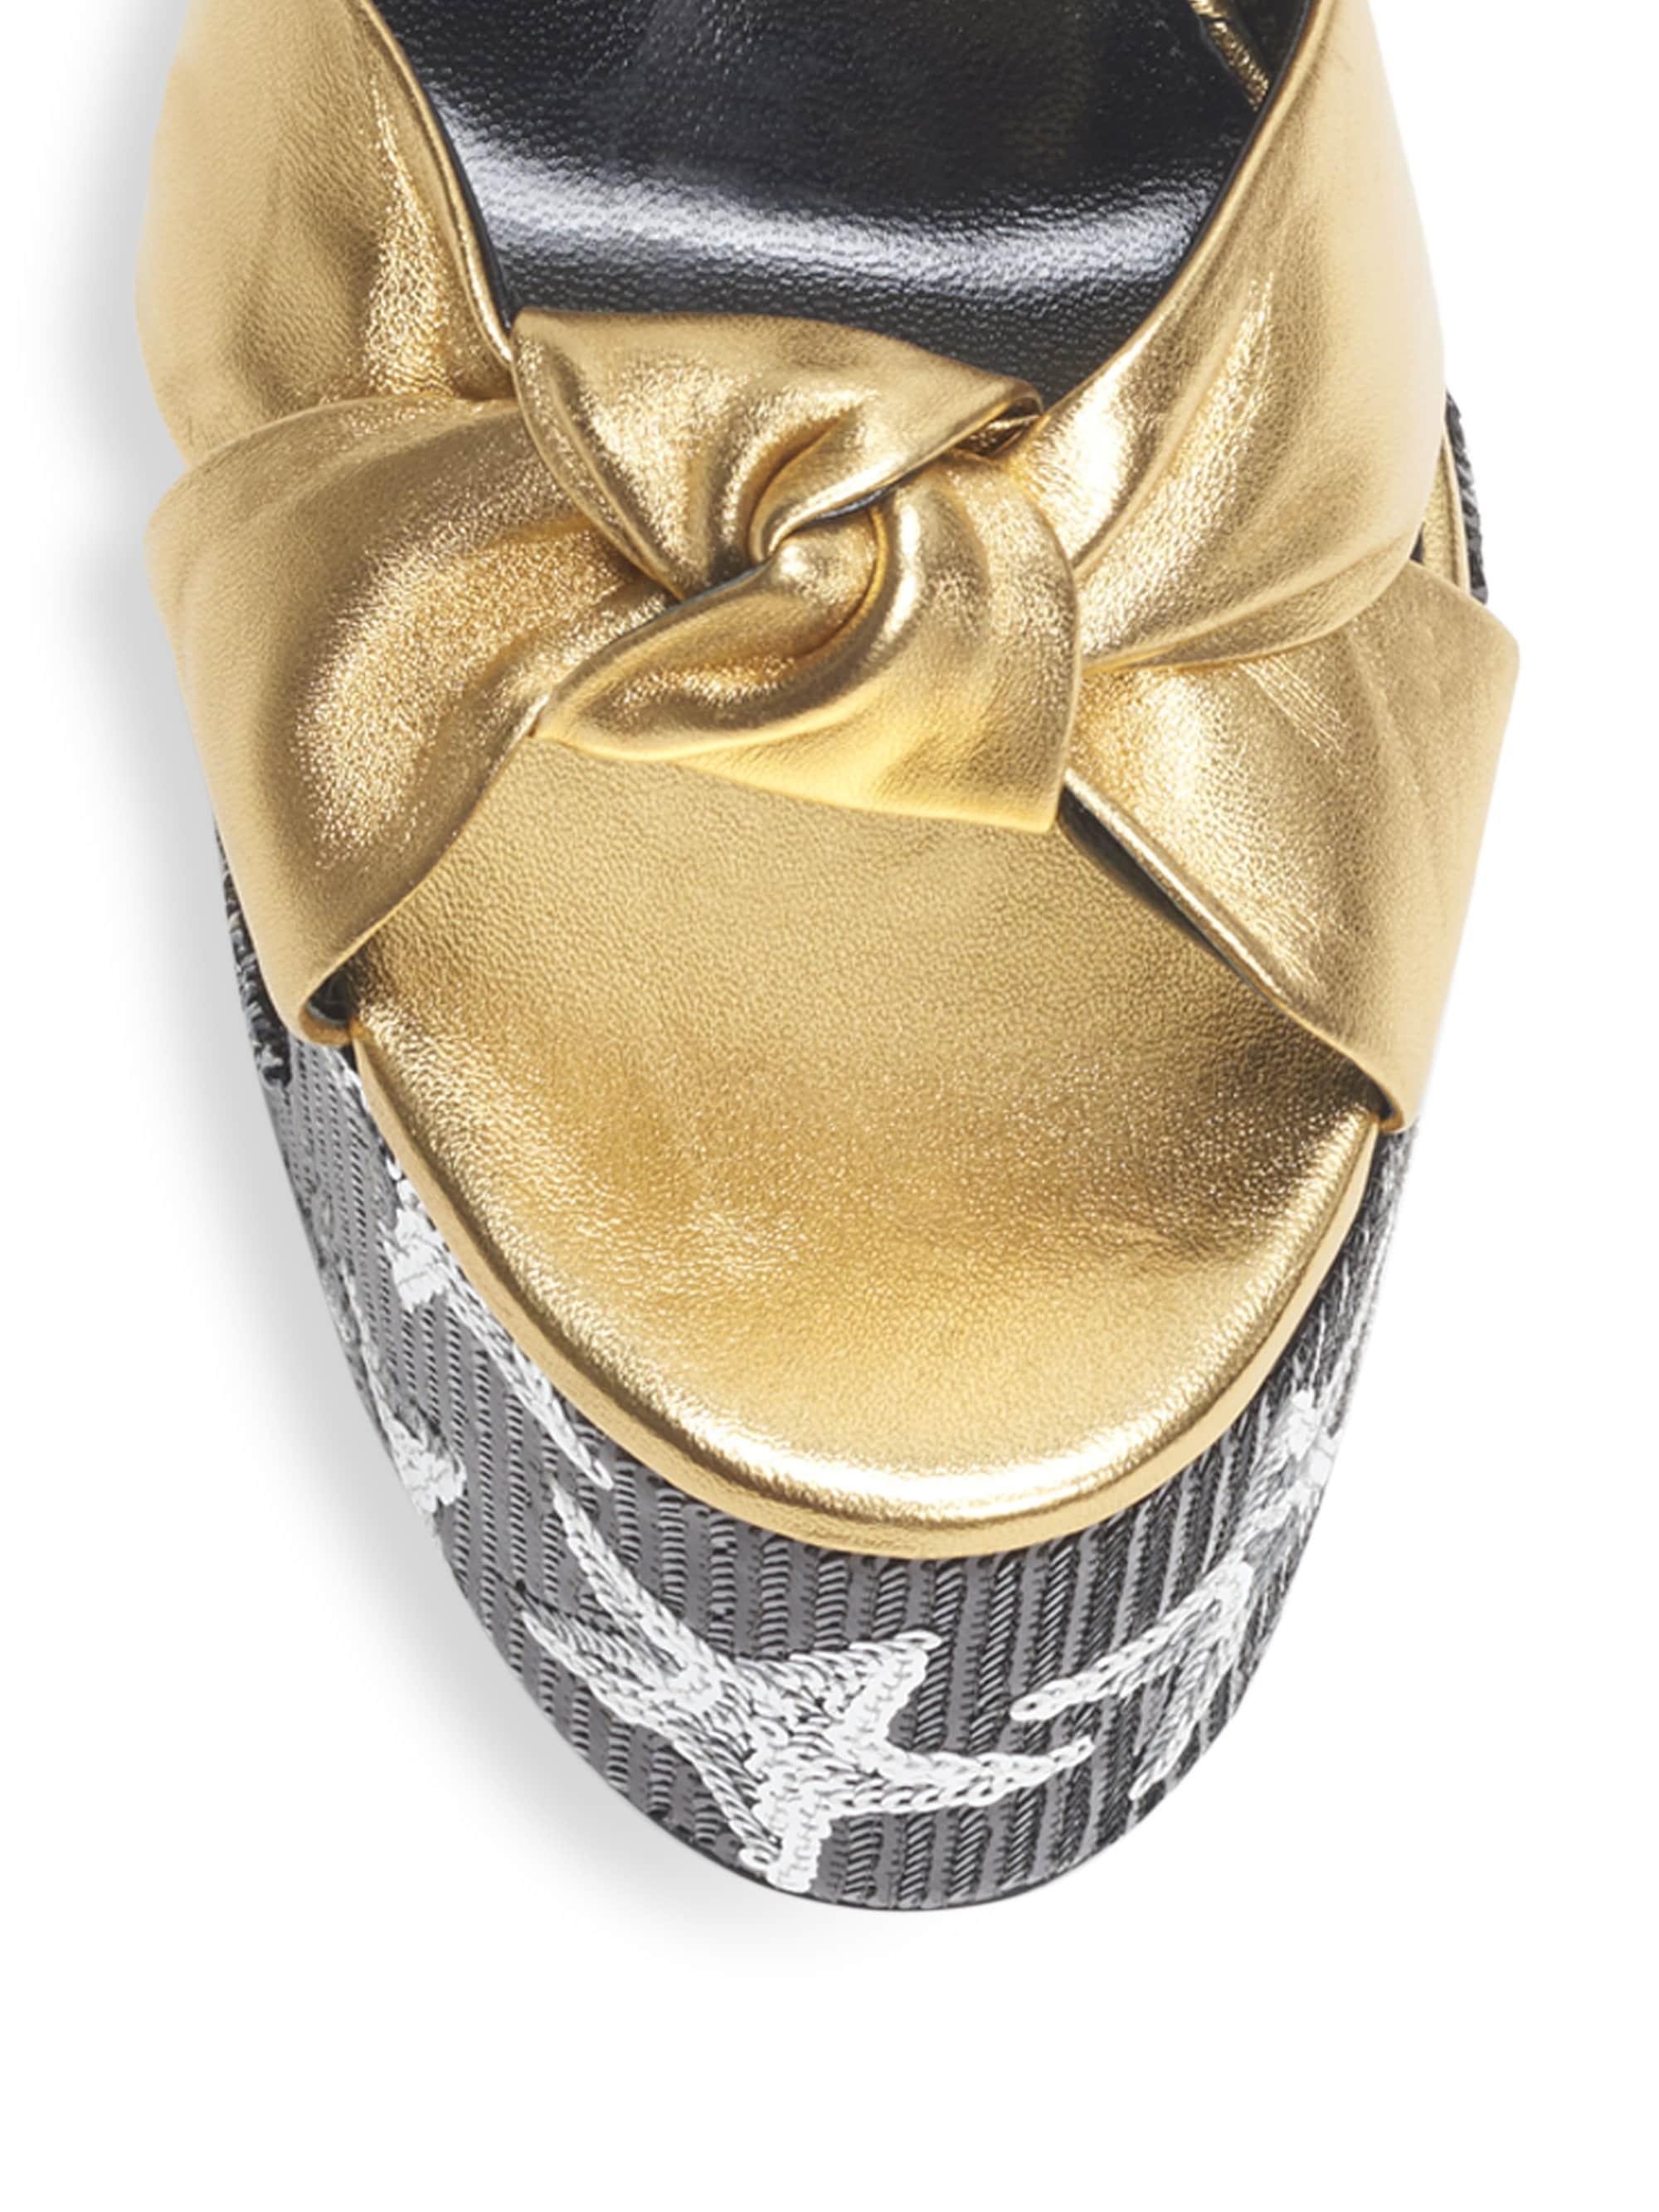 f90e84120494 Lyst - Saint Laurent Women s Paige Sequin Leather Platform Sandals - Gold  in Metallic